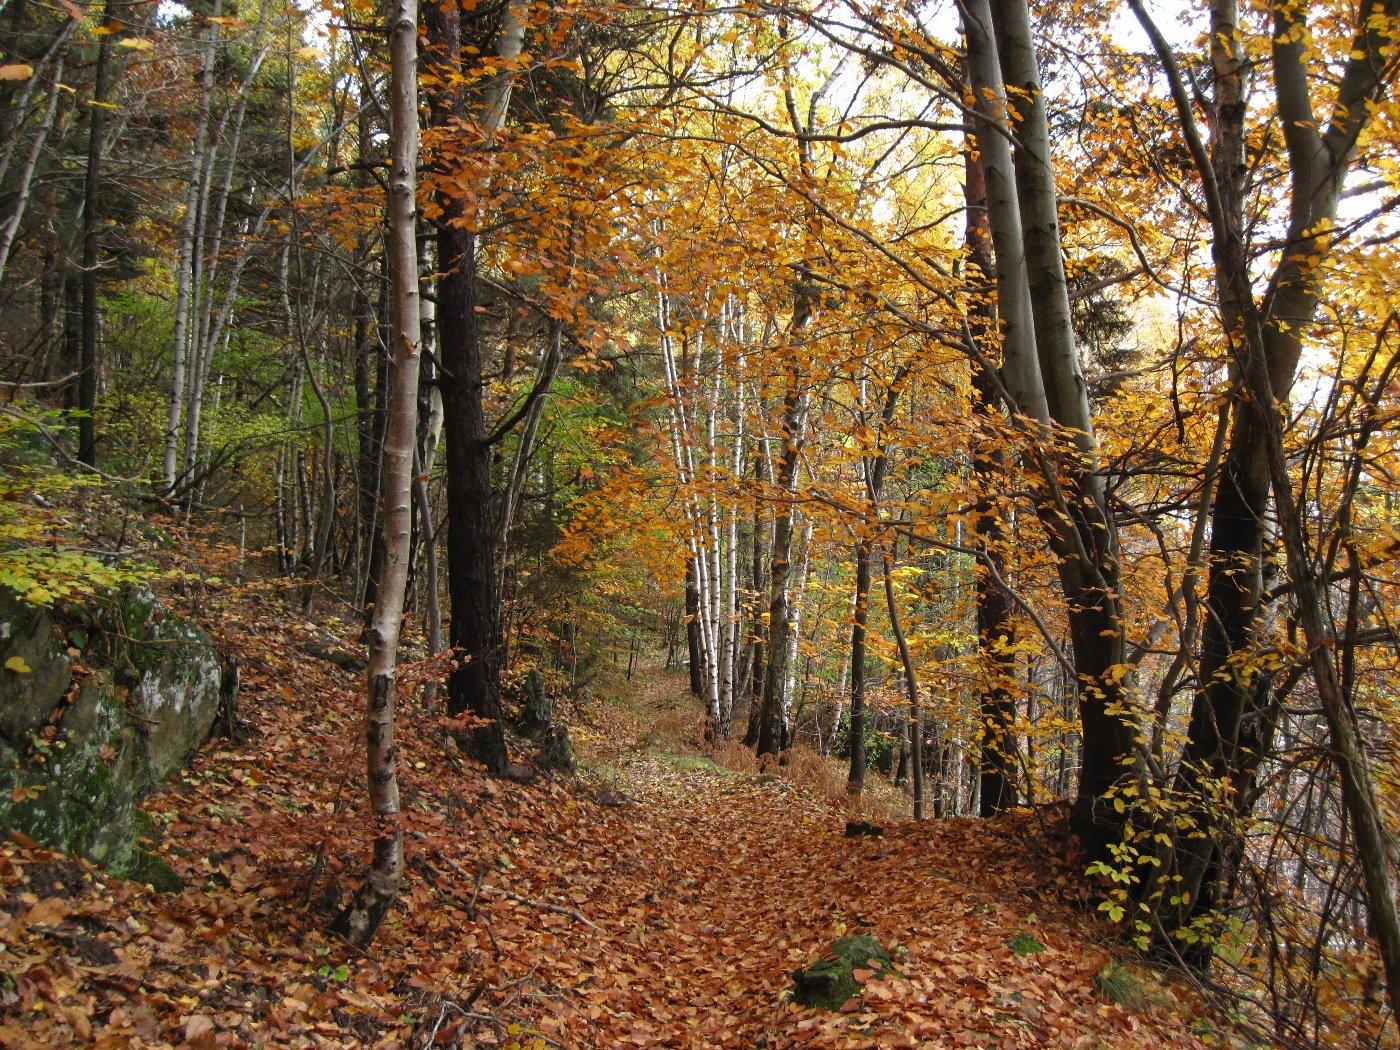 Splendidi colori autunnali nel bosco